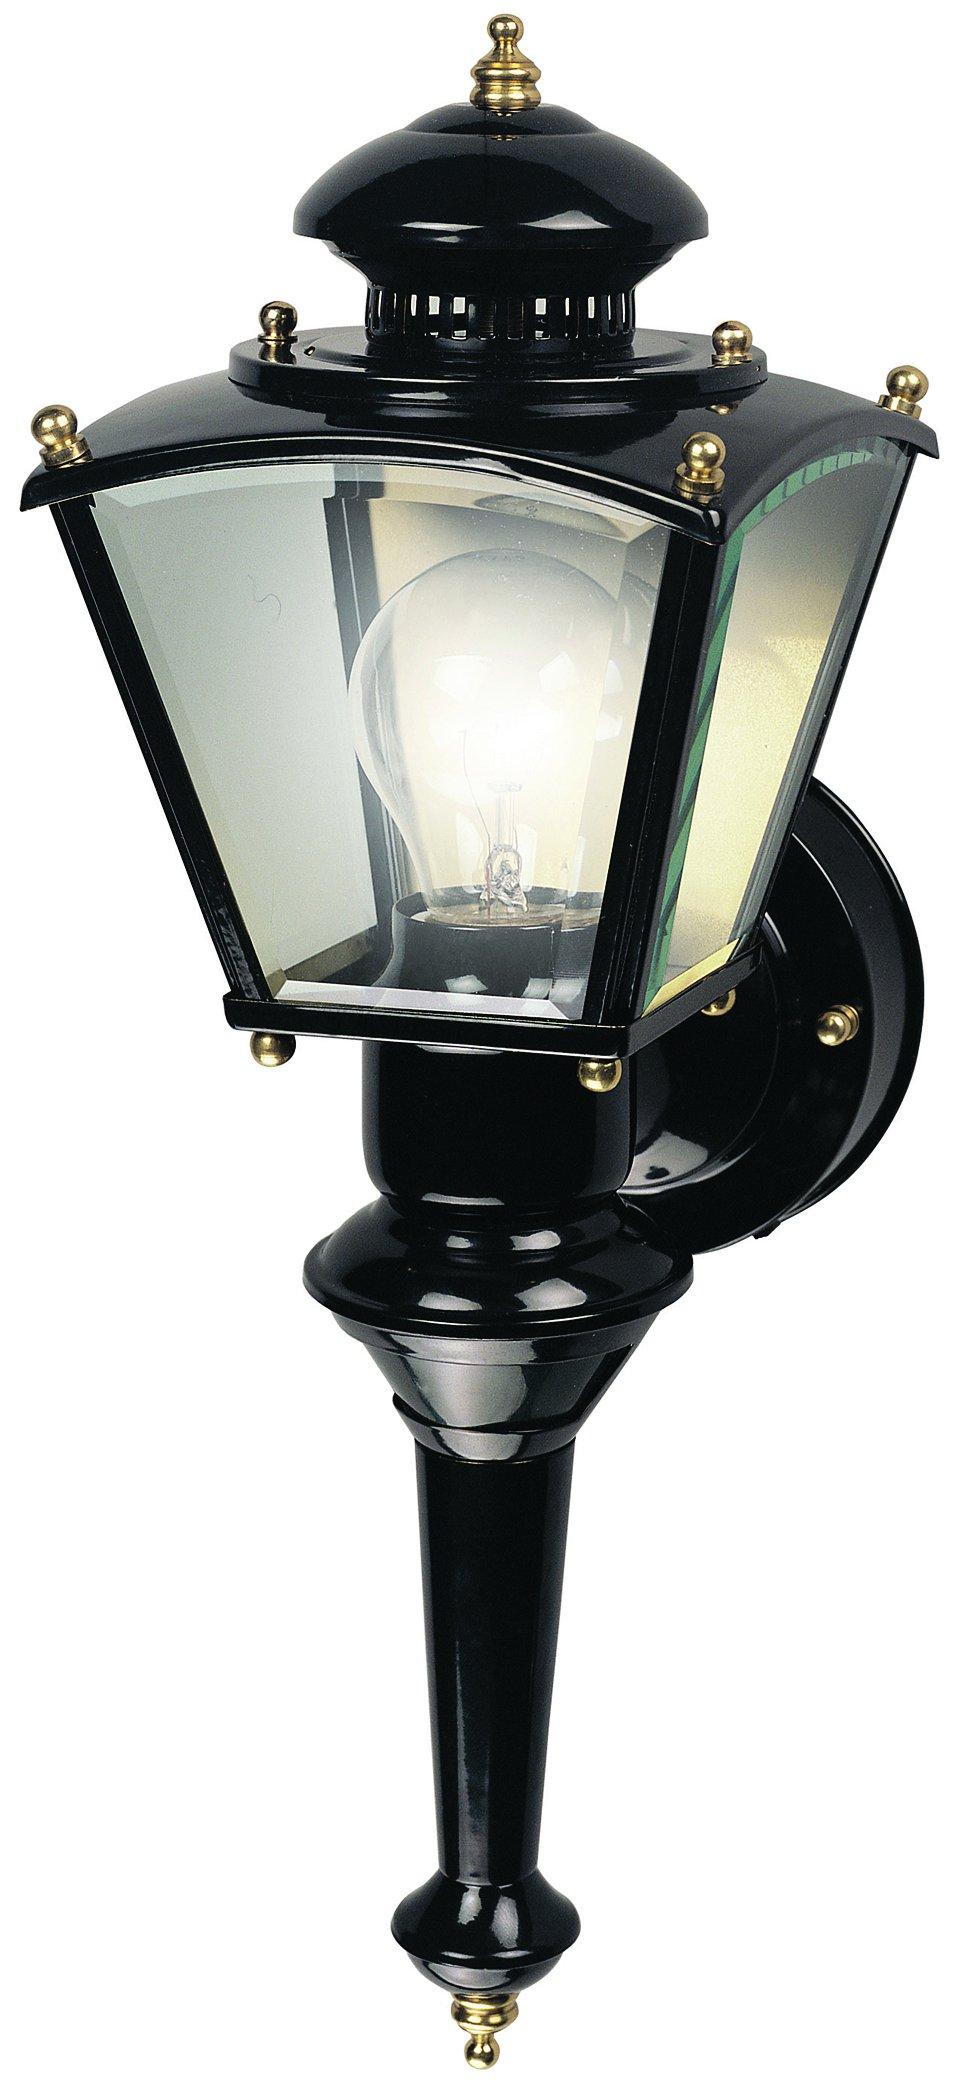 Heath HZ-4150-BK Zenith Motion-Activated Four-Sided Coach Light, Black Brass by Heath Zenith